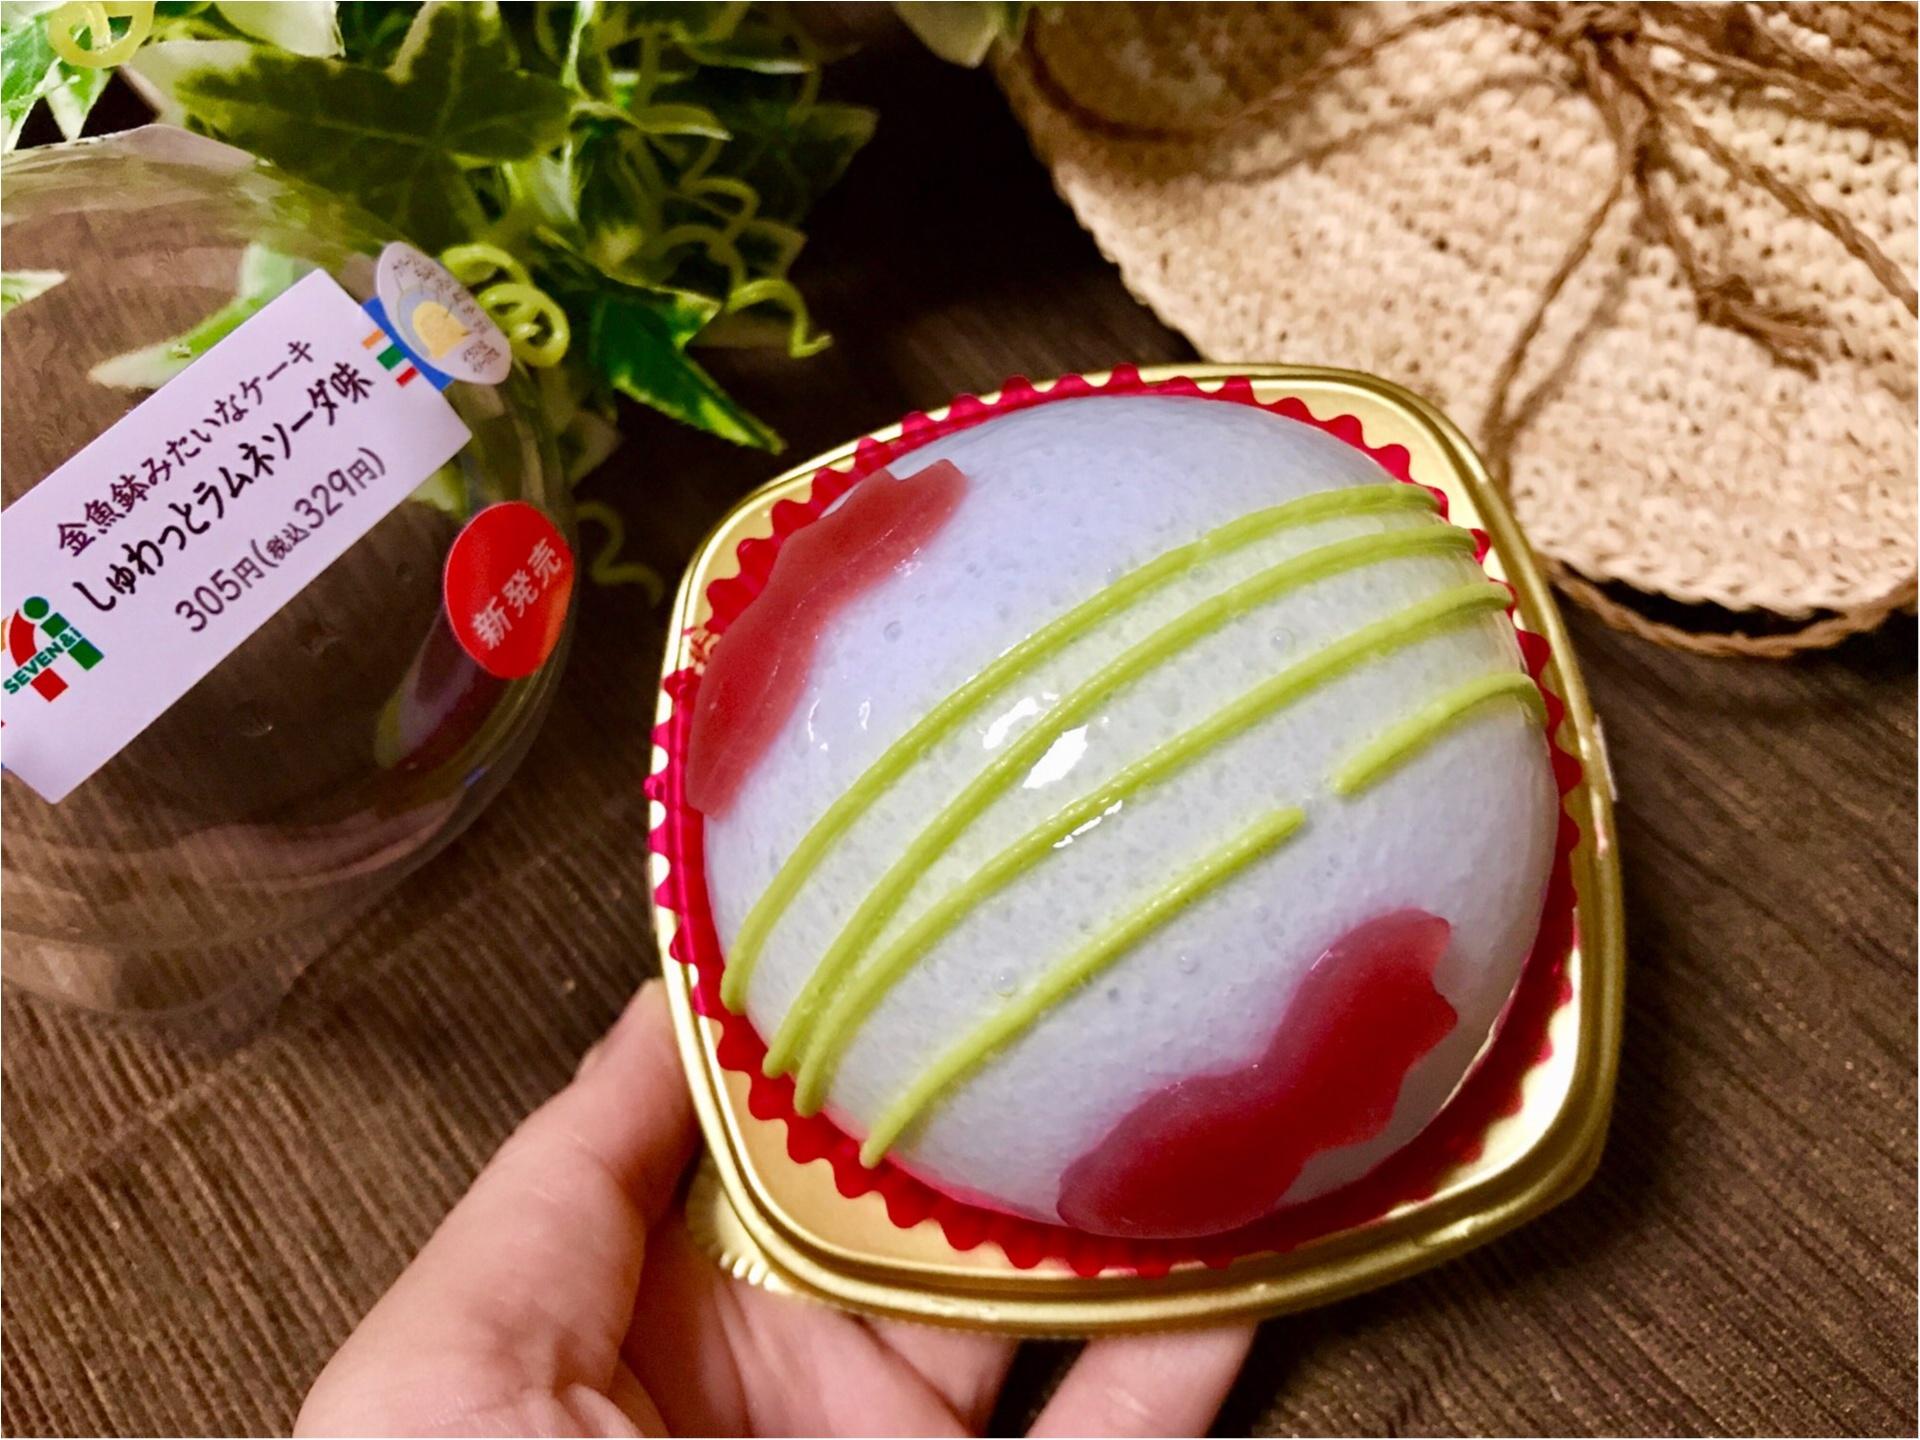 夏に食べたい!【新セブンスイーツ】金魚鉢をモチーフにしたケーキがかわいすぎる♡_2